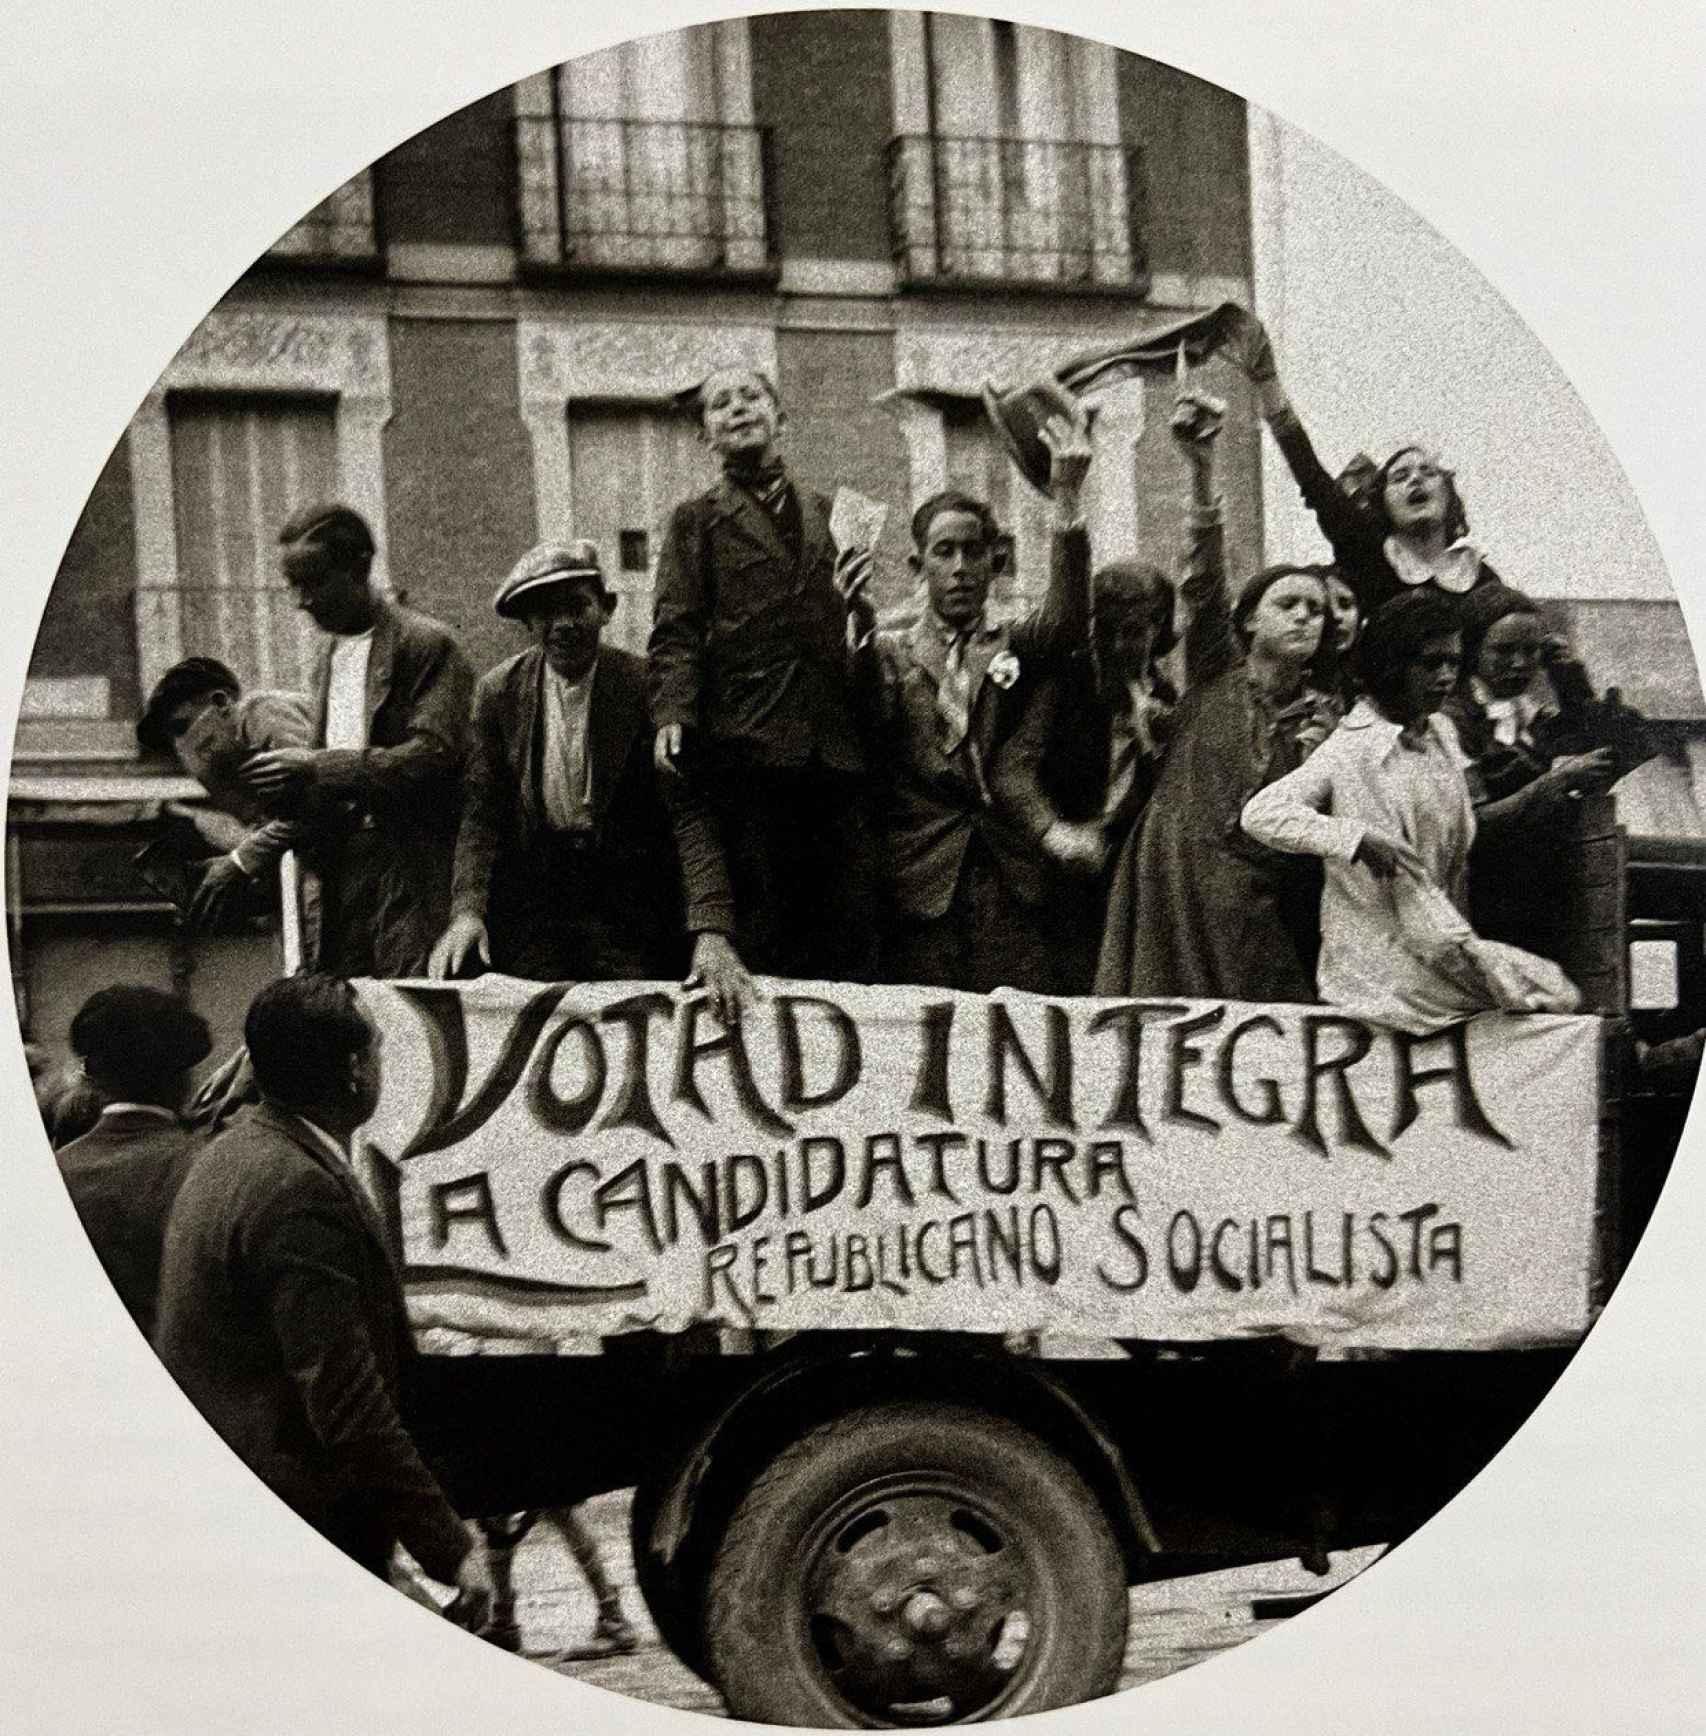 Campaña de la candidatura Republicano-Socialista 1931